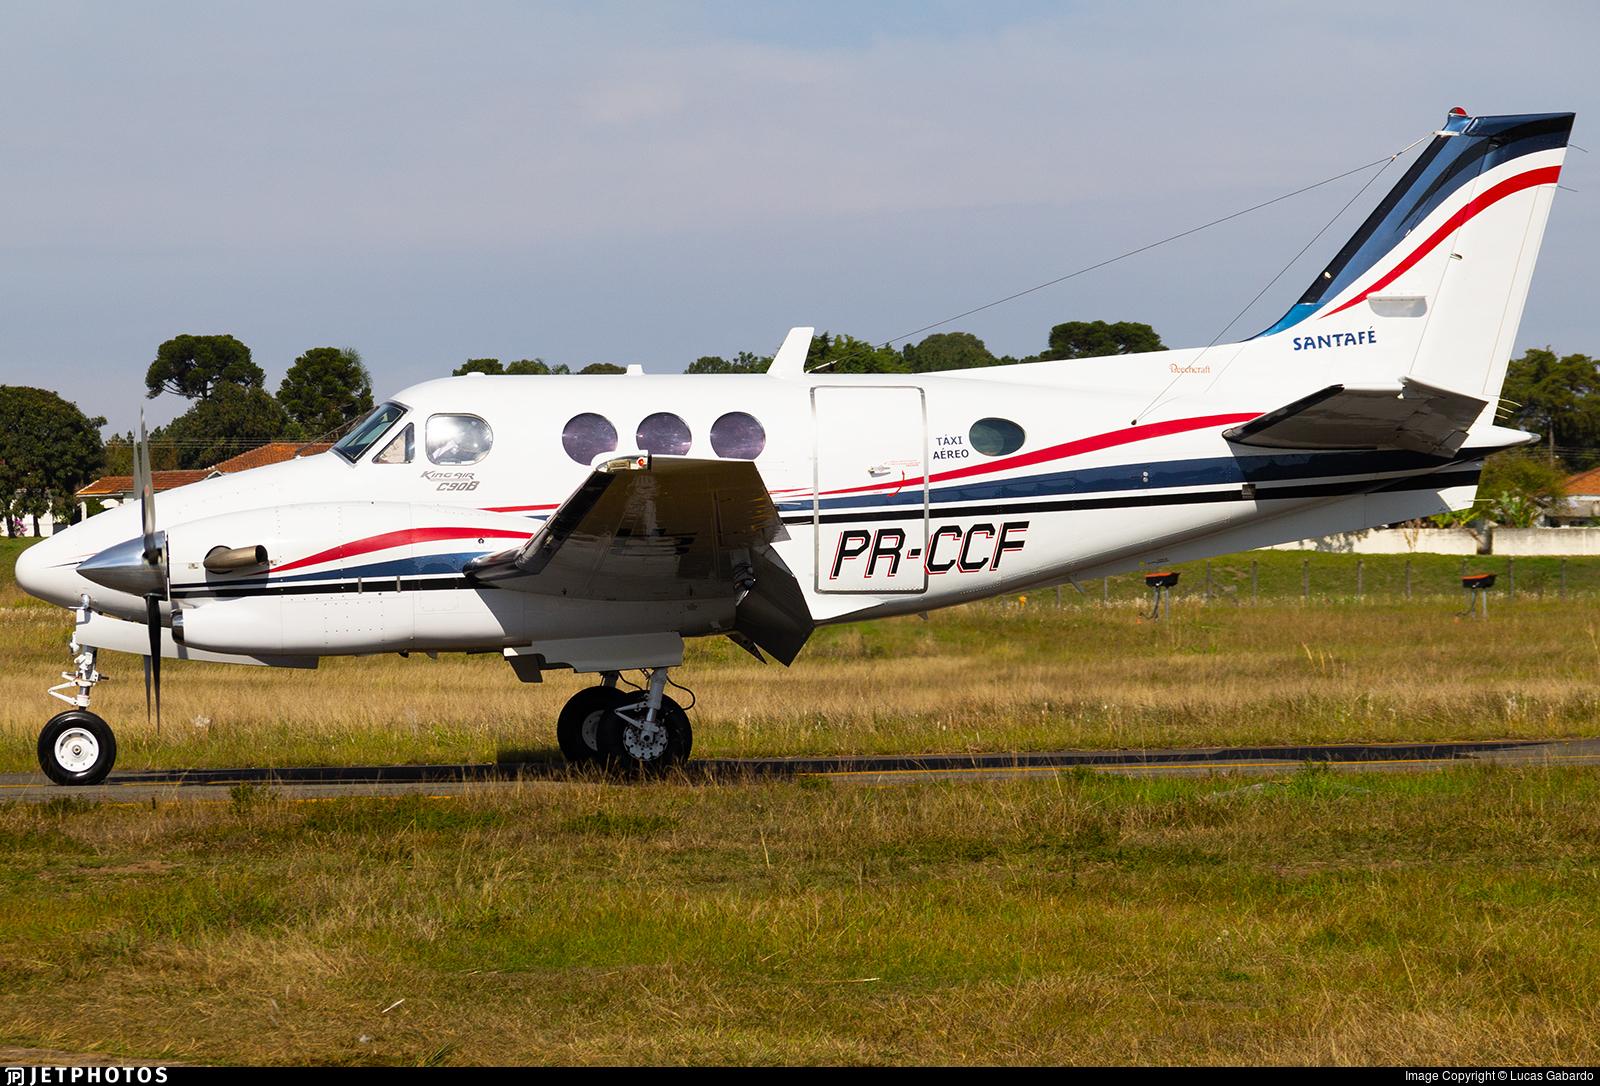 PR-CCF - Beechcraft C90A King Air - Santa Fé Táxi Aéreo